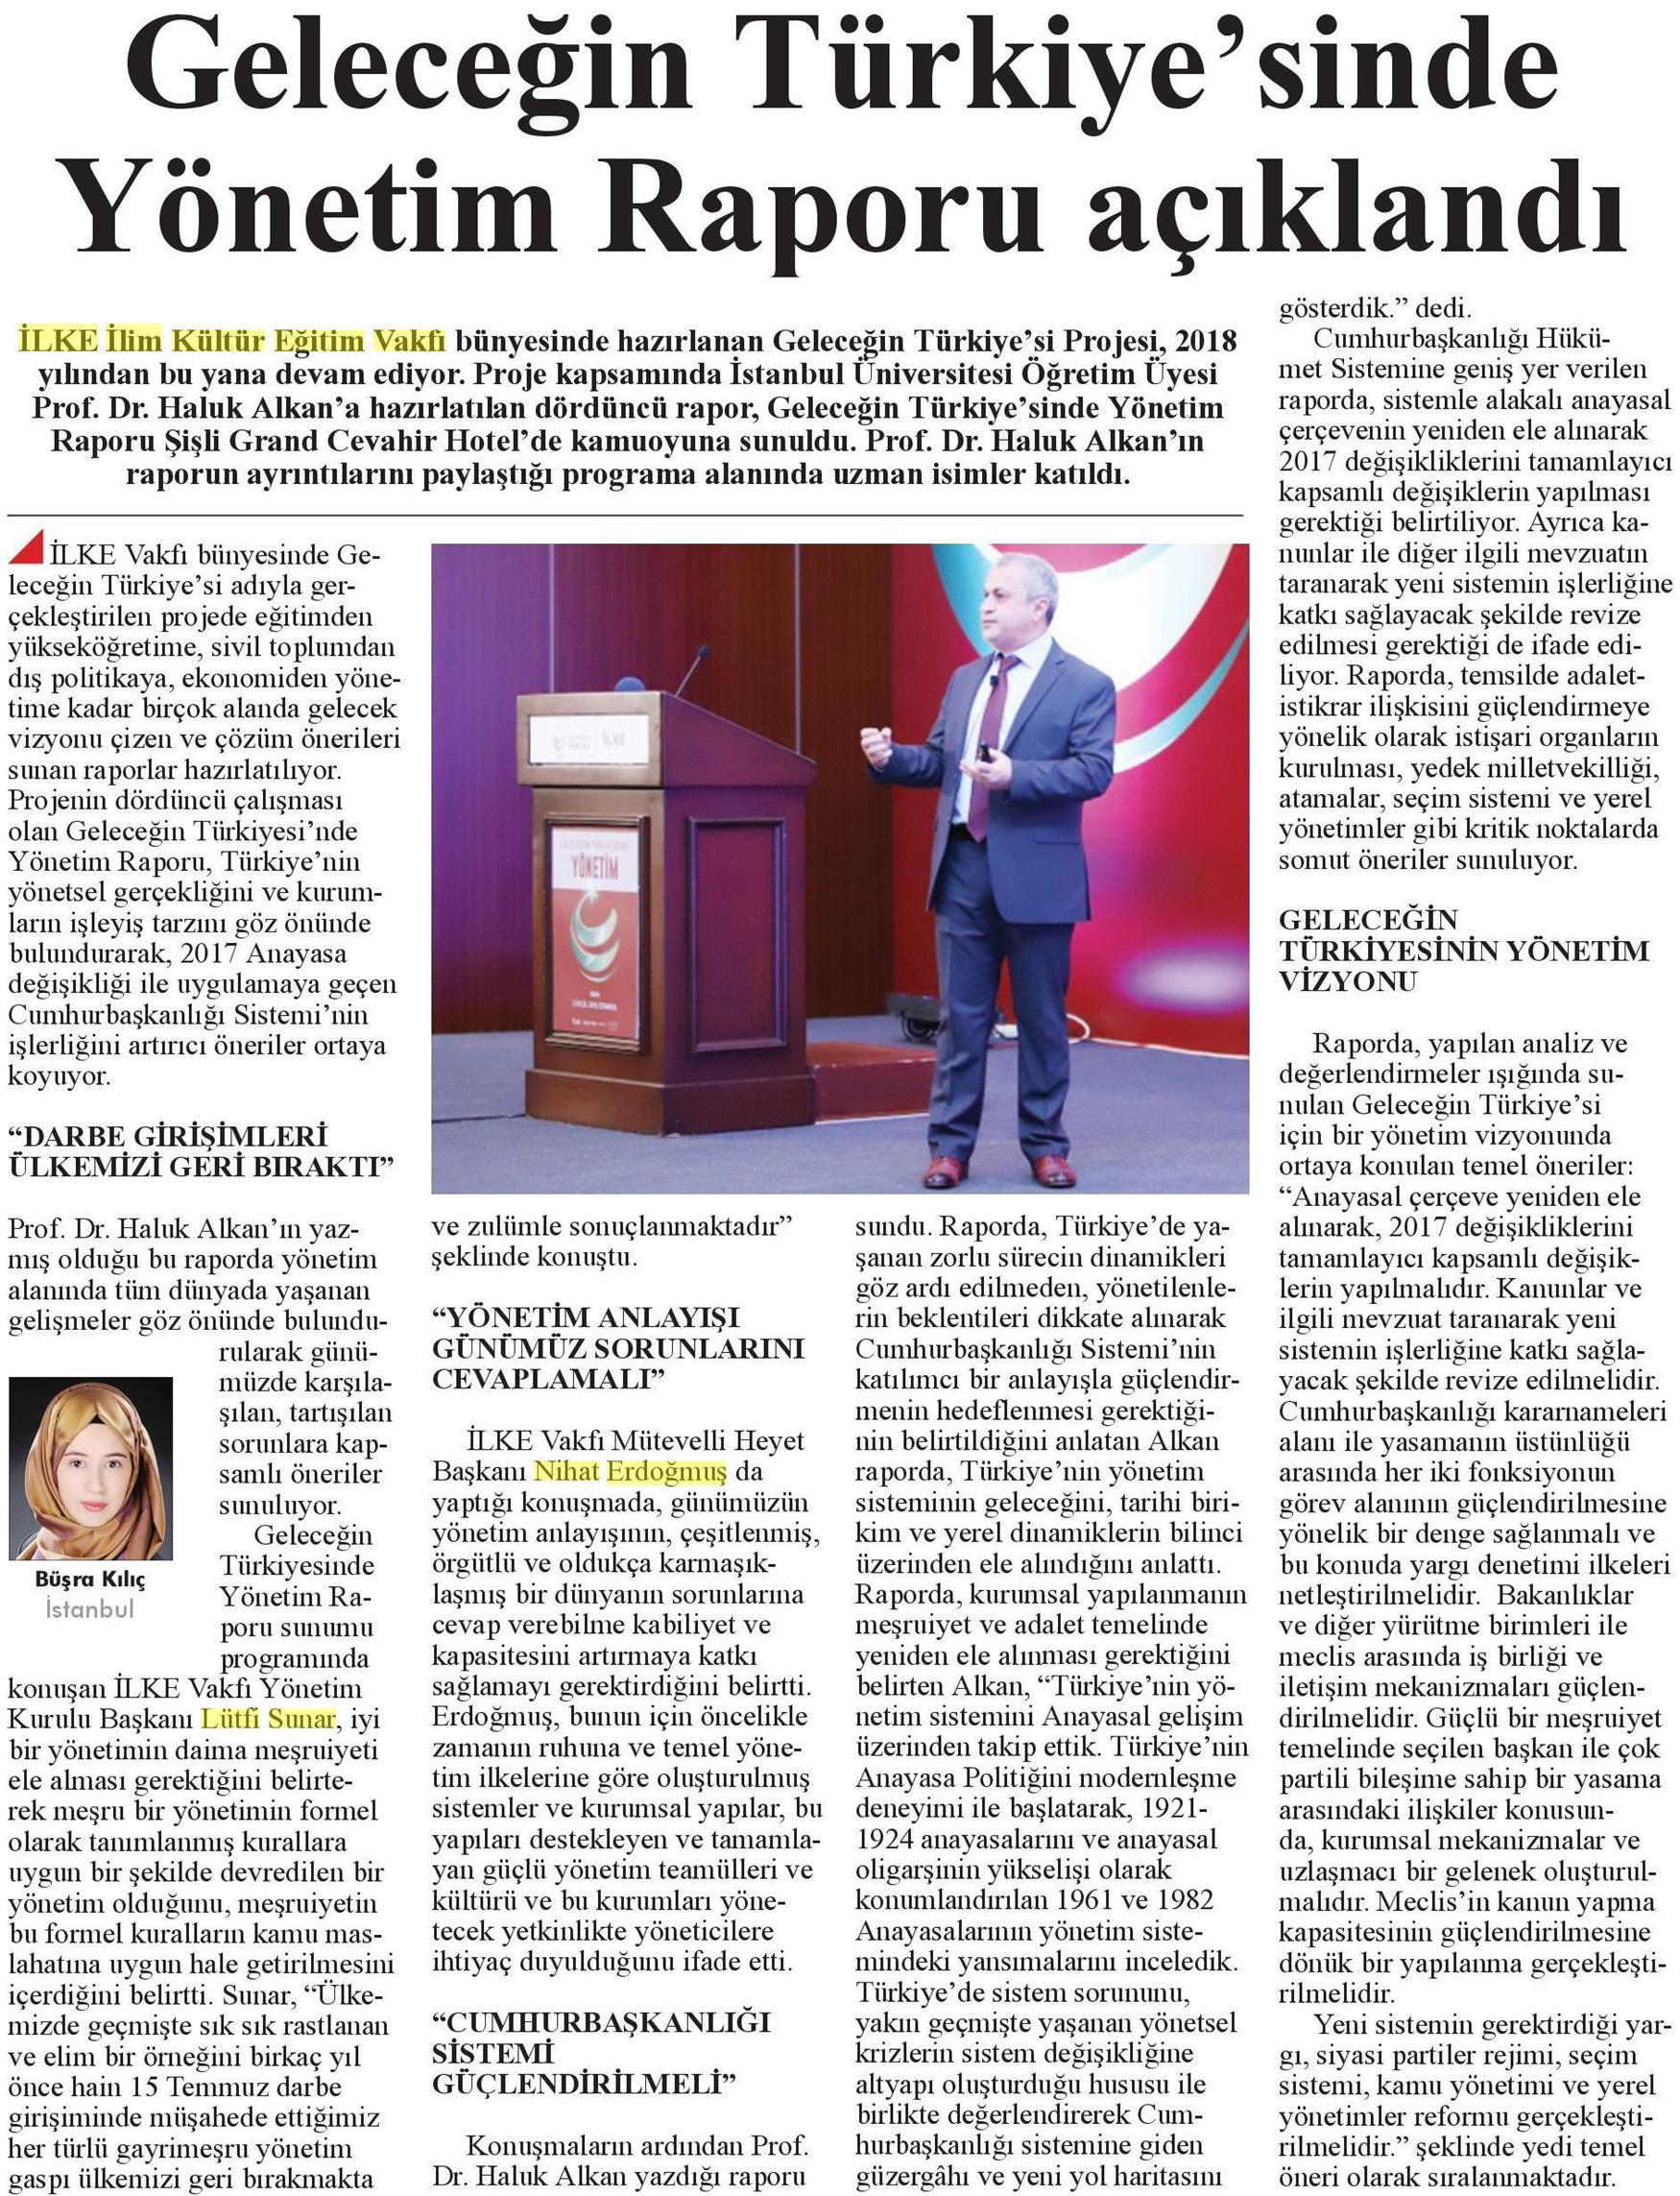 Geleceğin Türkiyesinde Yönetim Raporu, Diriliş Postası